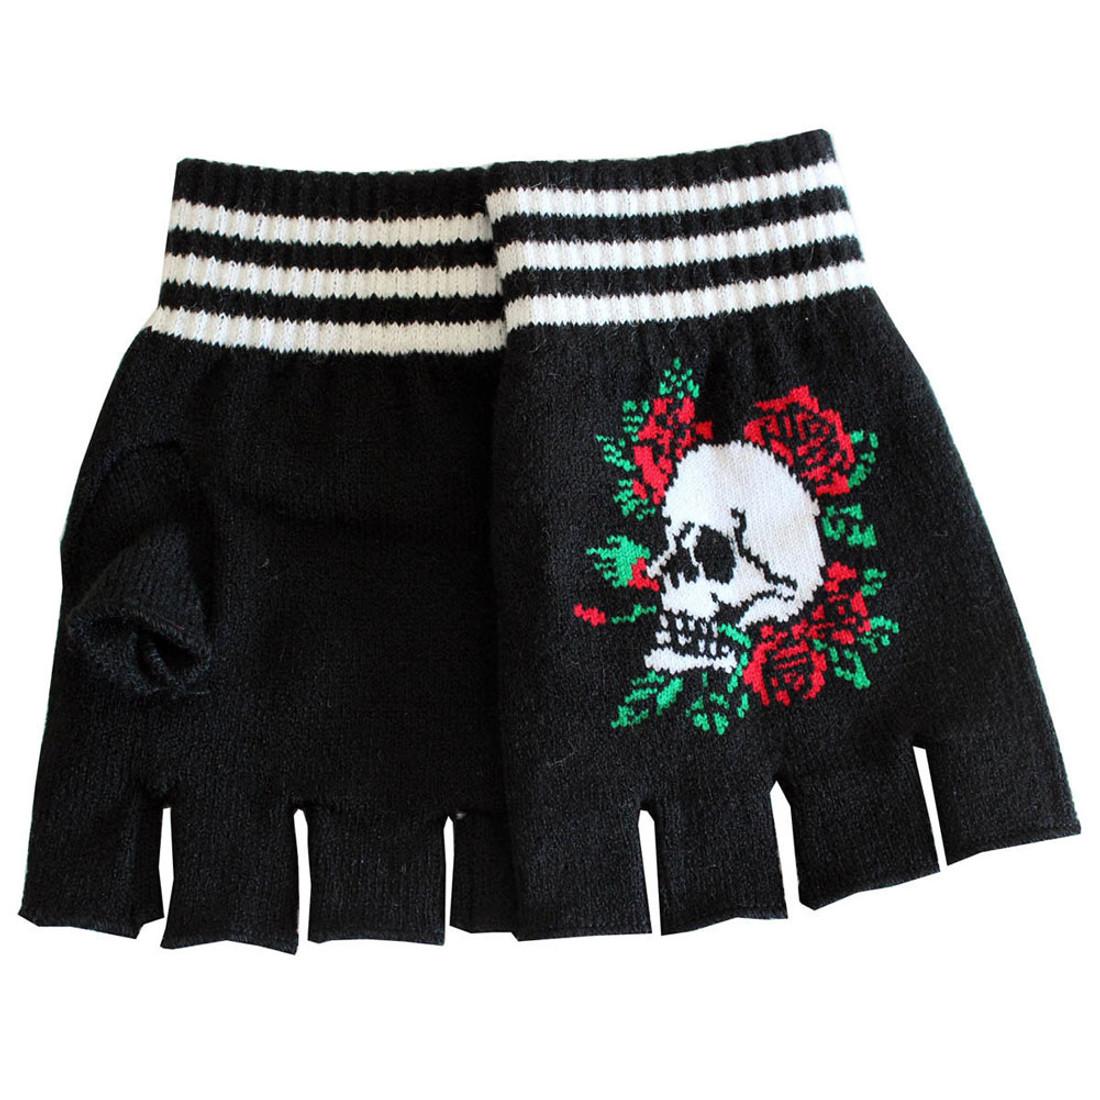 Skull and Roses Black Knitted Fingerless Gloves